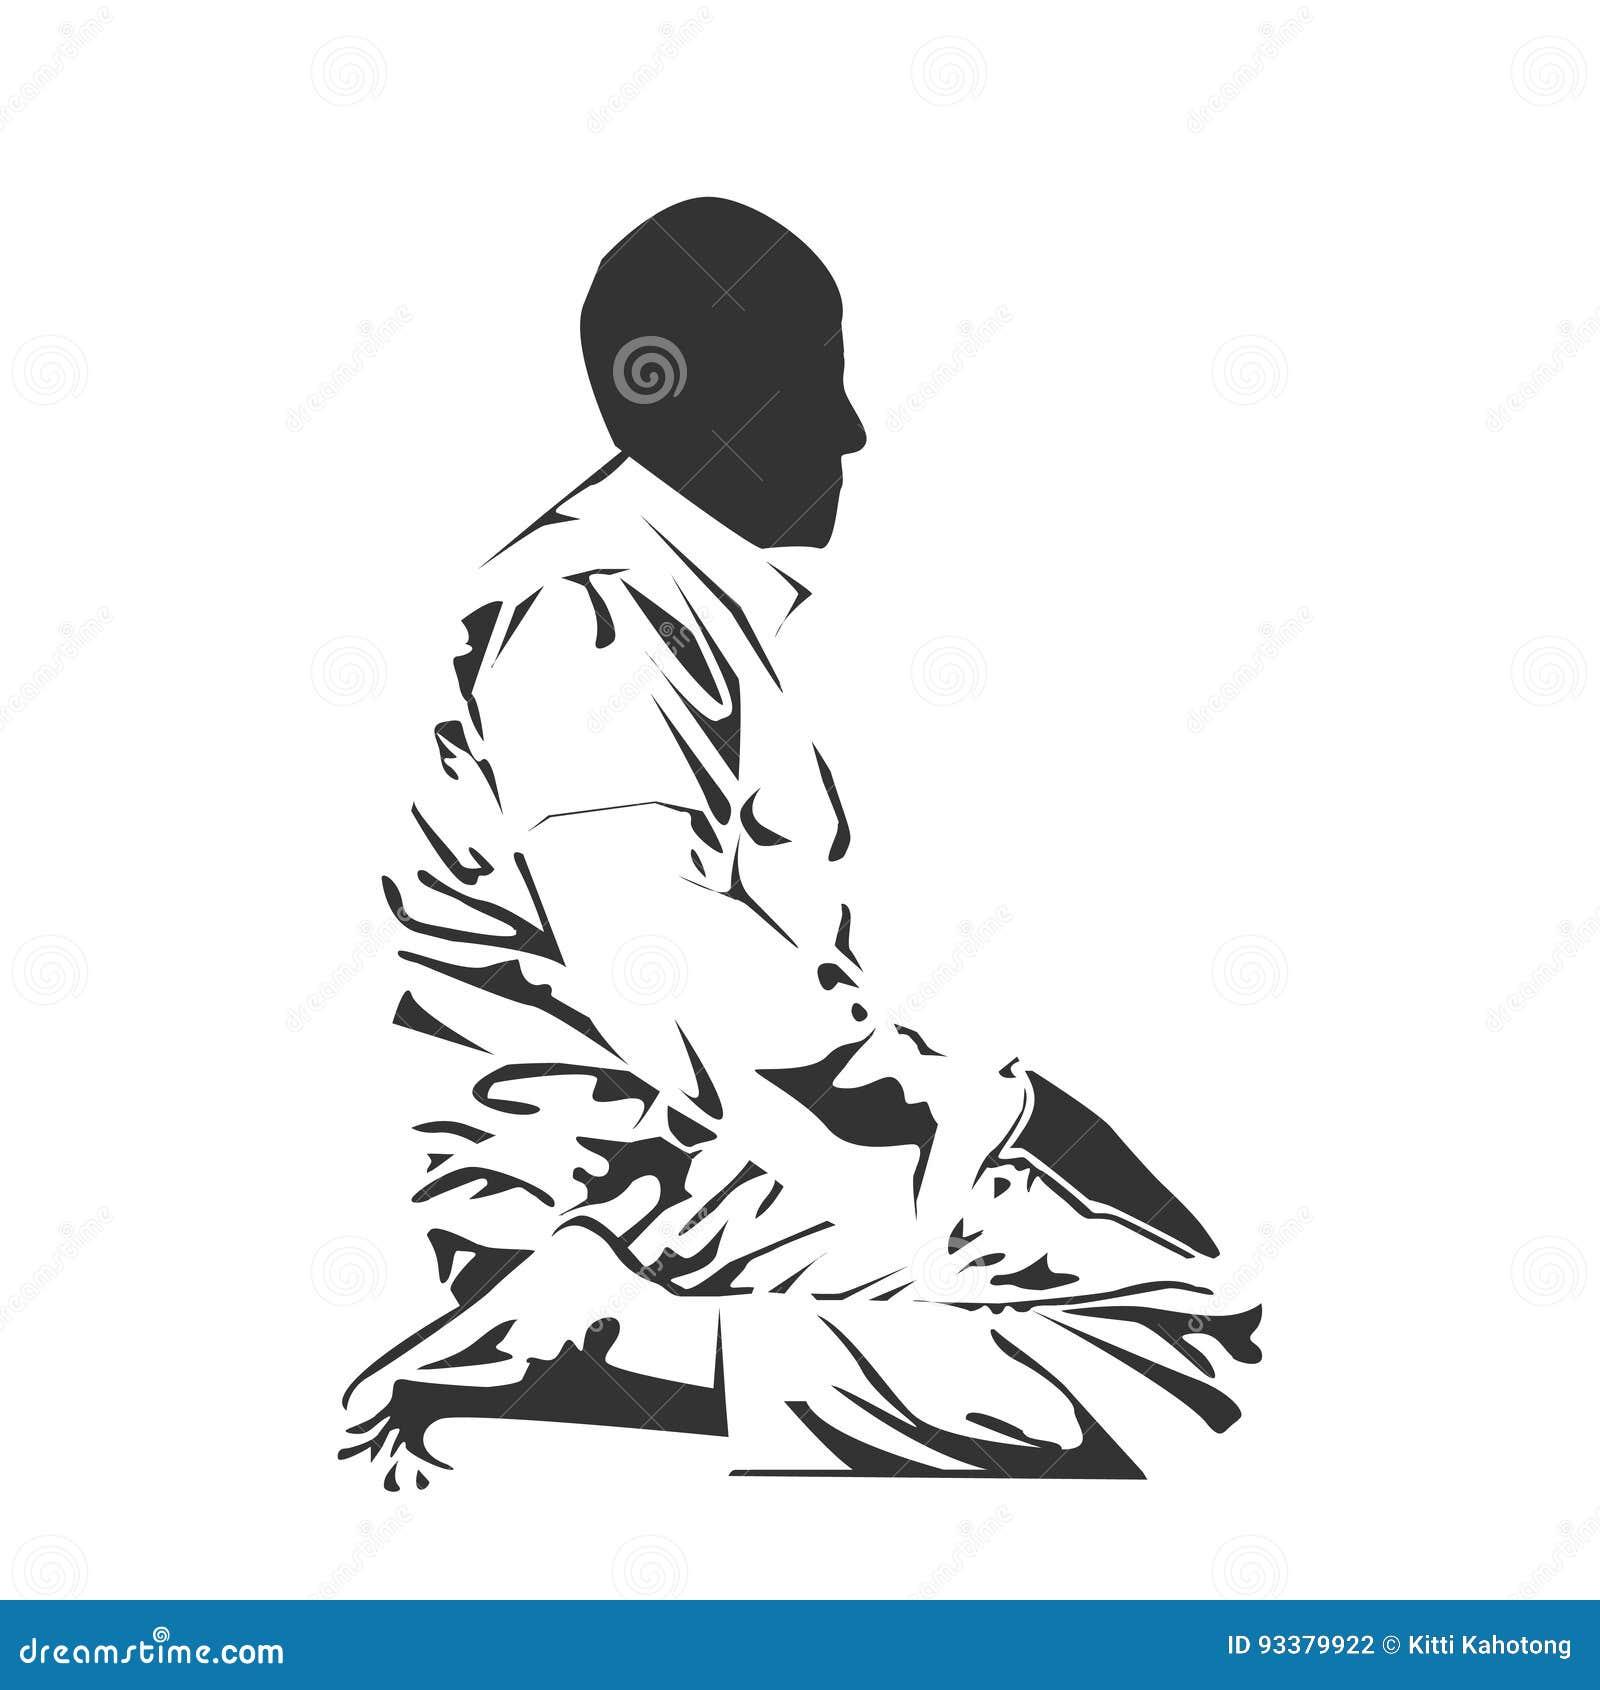 islamic man praying muslim prayer stock illustration illustration